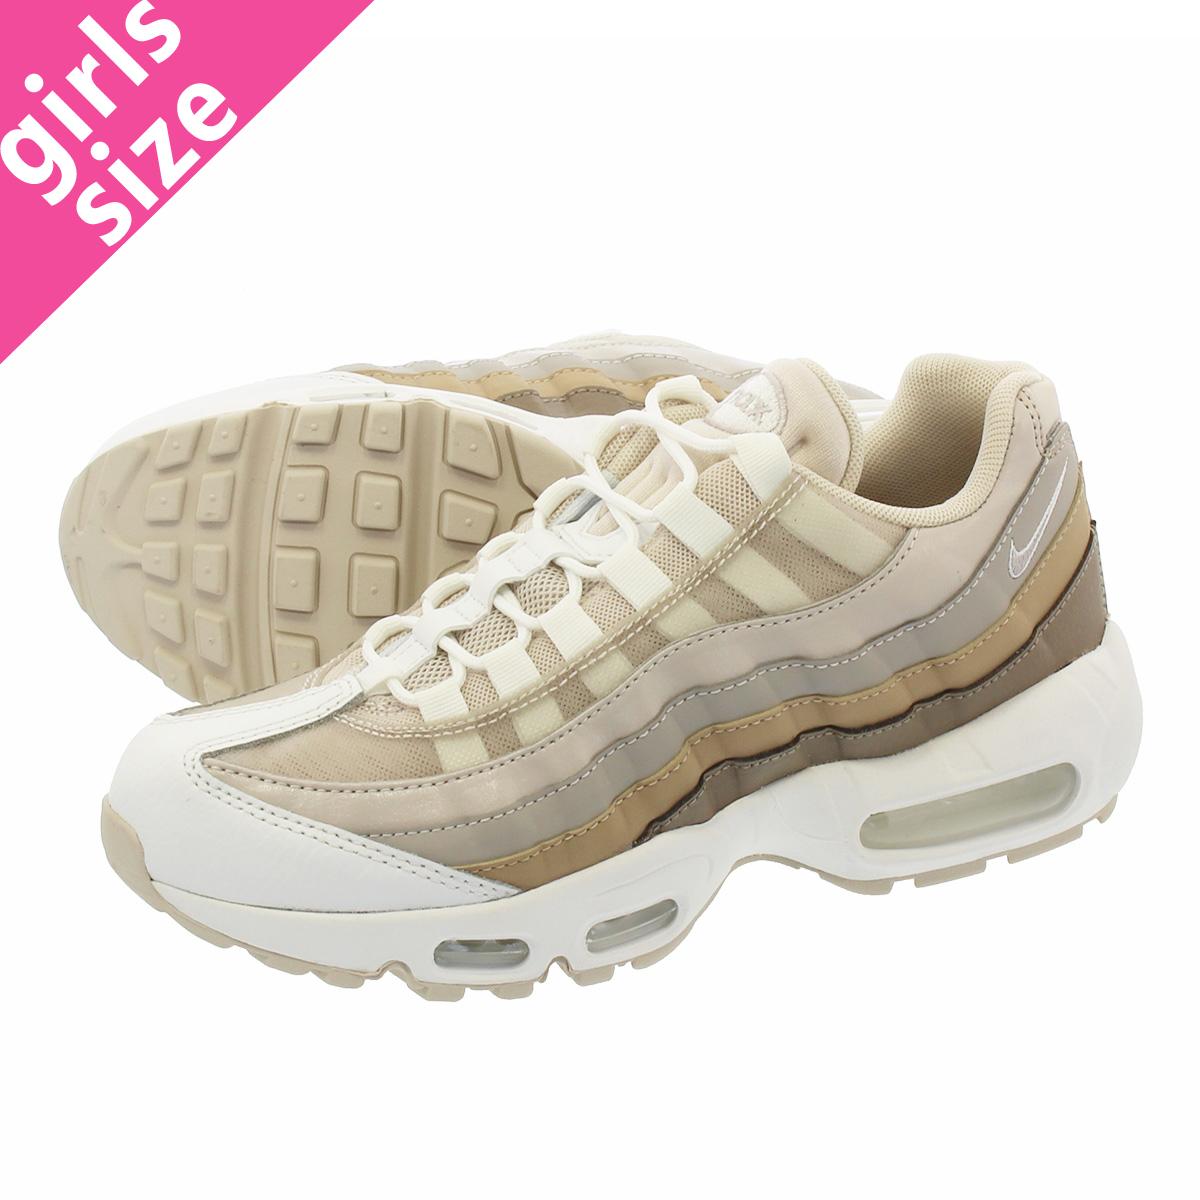 ad97a10765 NIKE WMNS AIR MAX 95 Nike women Air Max 95 DESERT SAND MOON PARTICLE 307960-